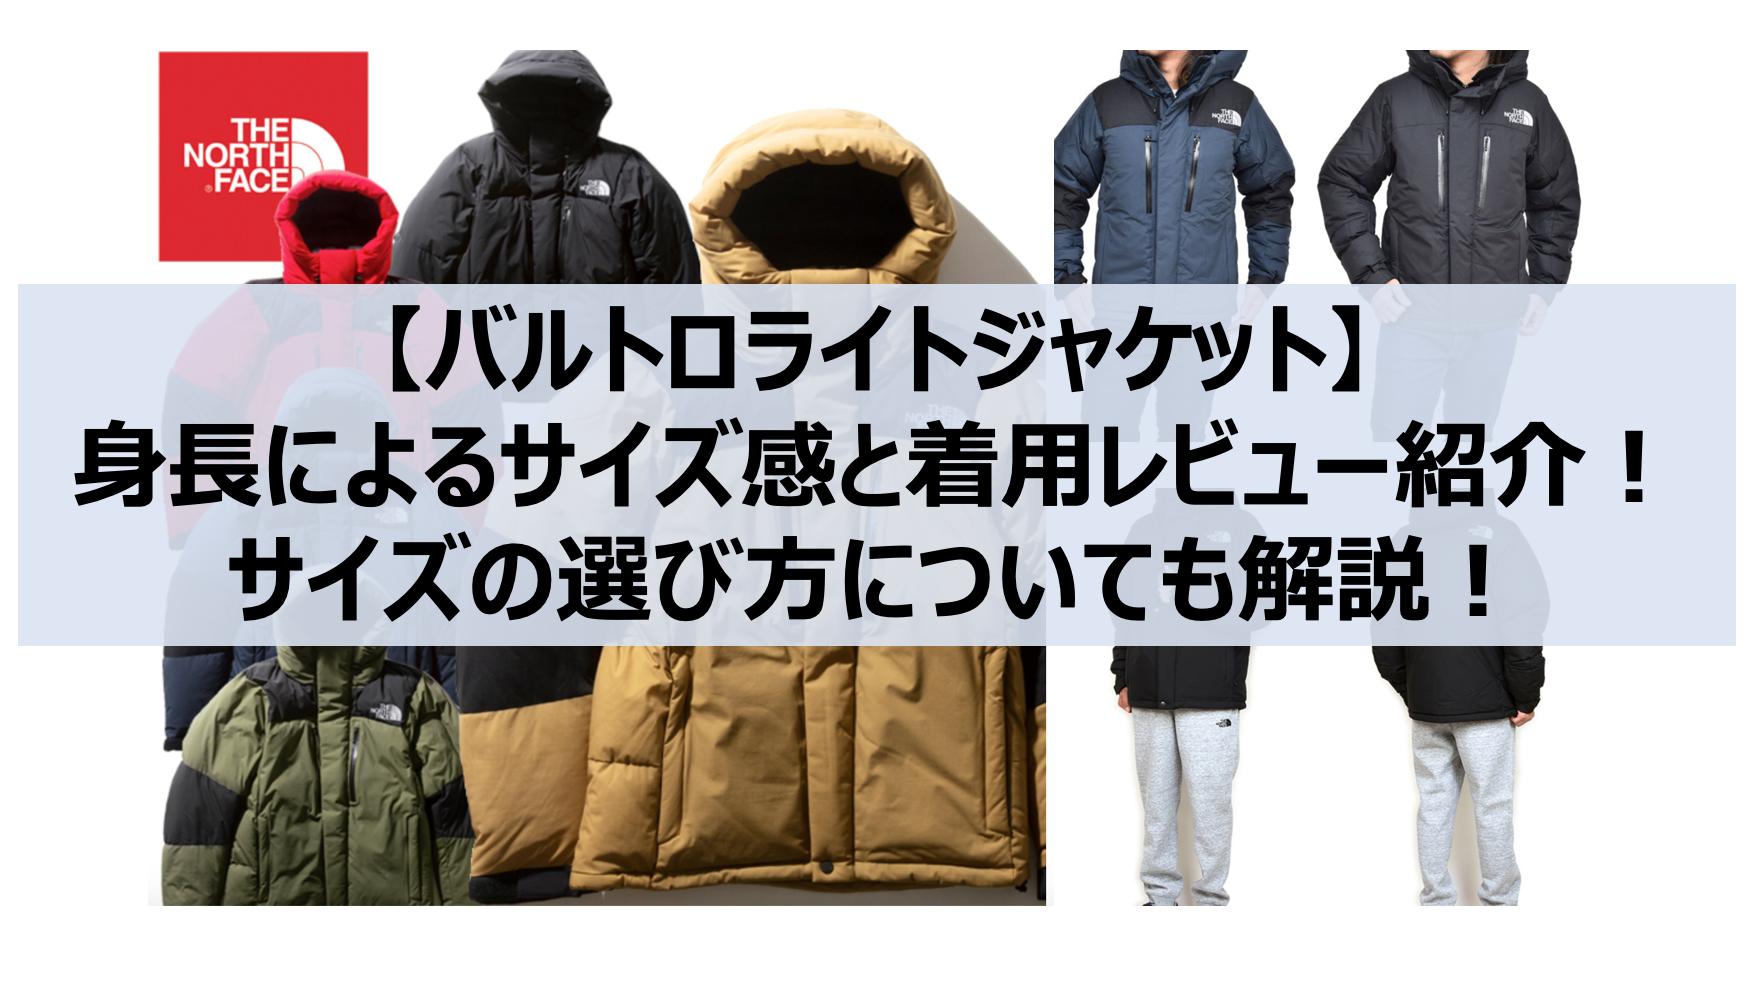 ノース フェイス バルトロ 2019 予約